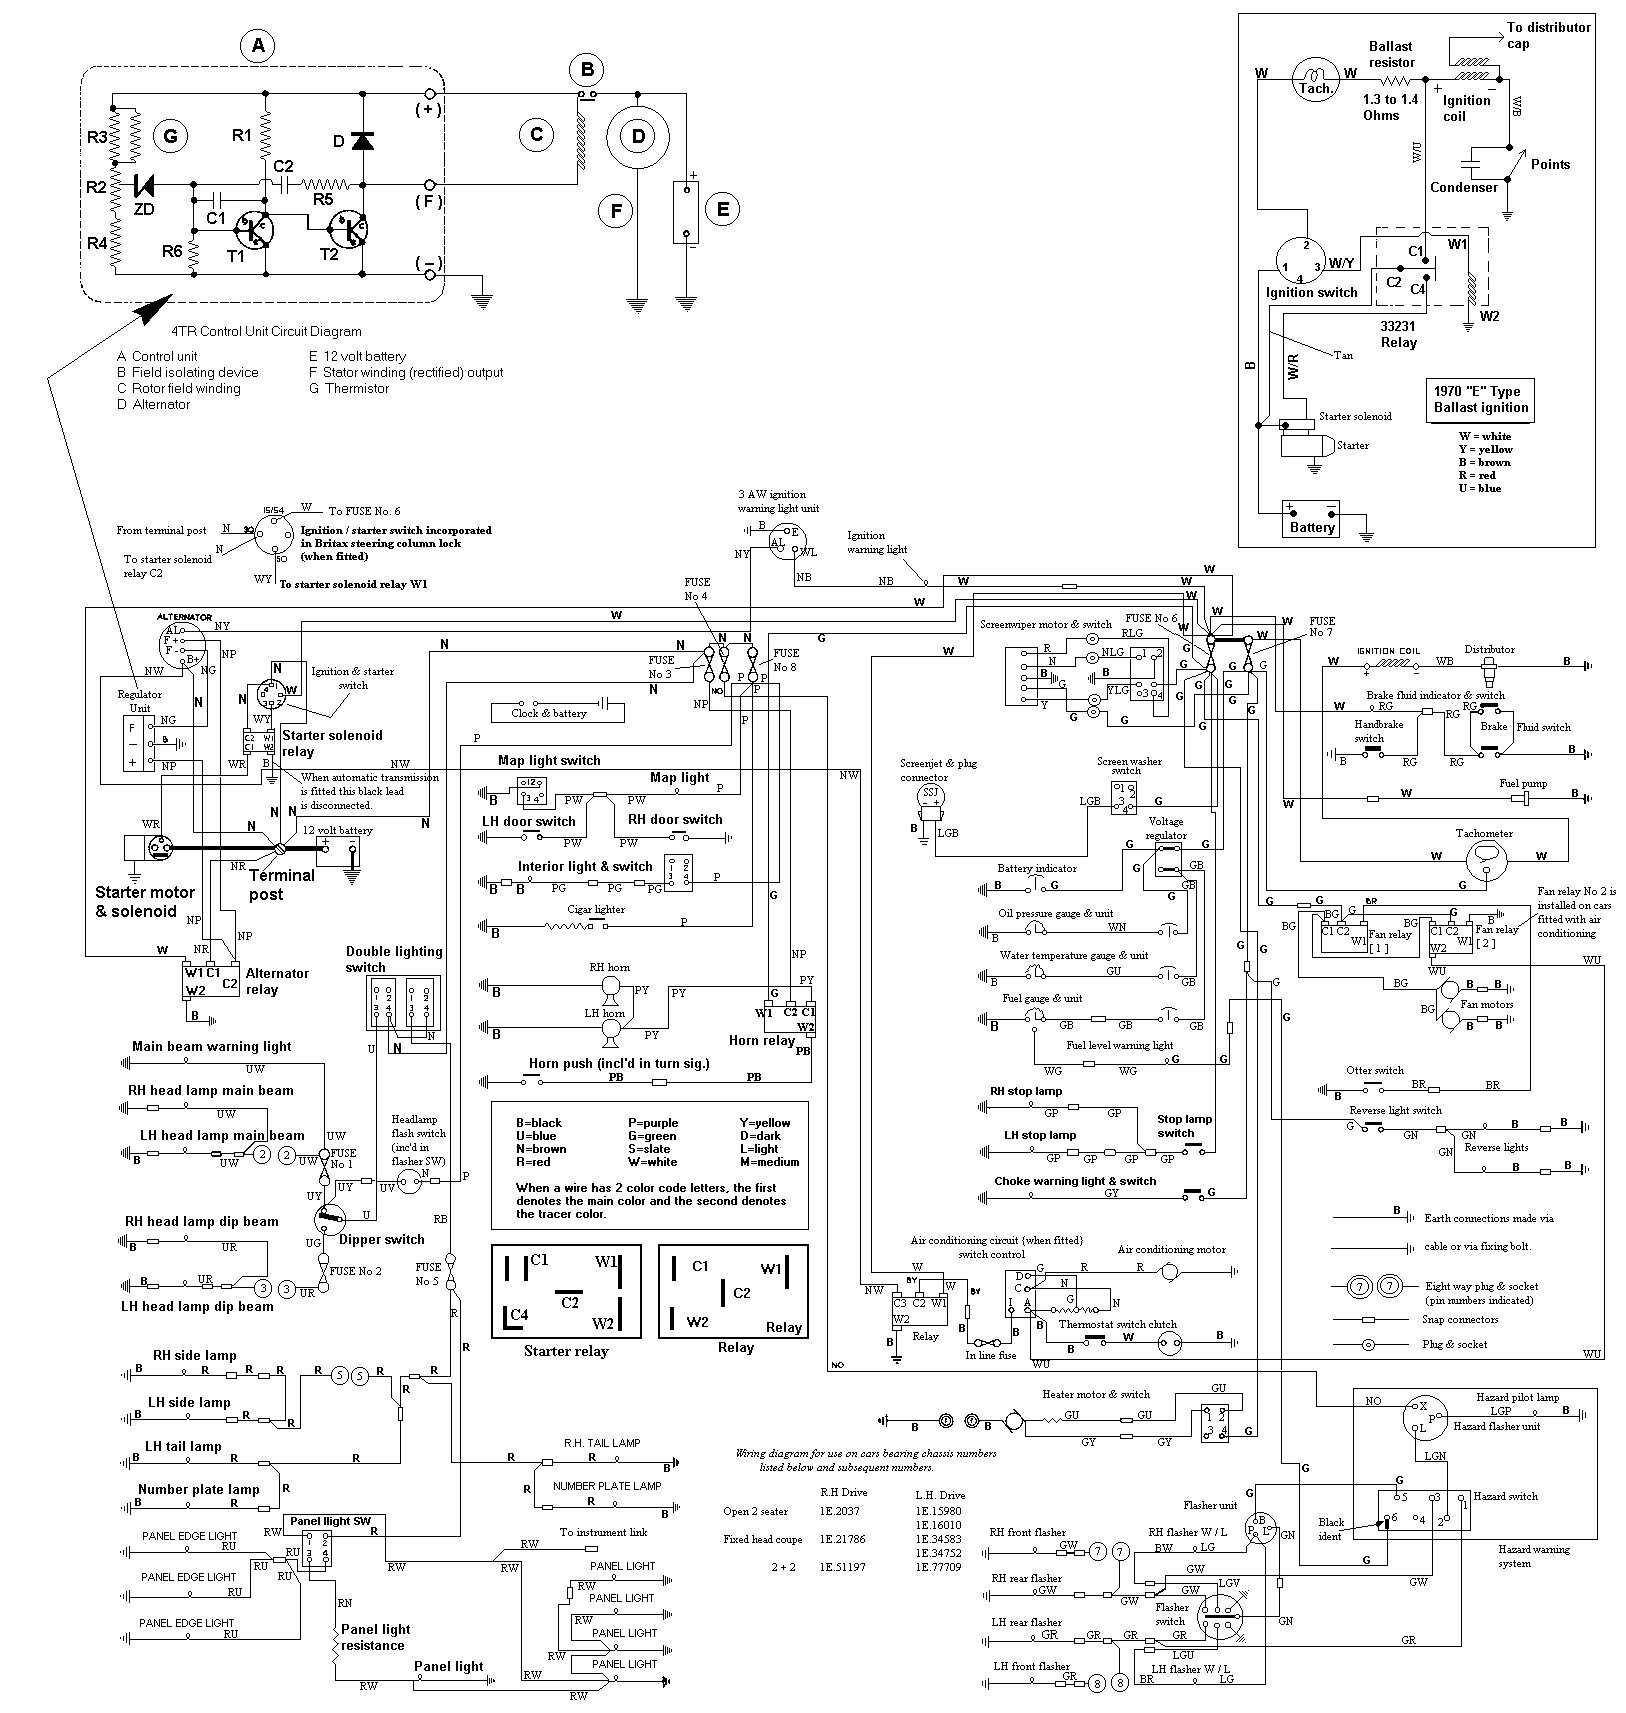 wiring e s1 5 jpg